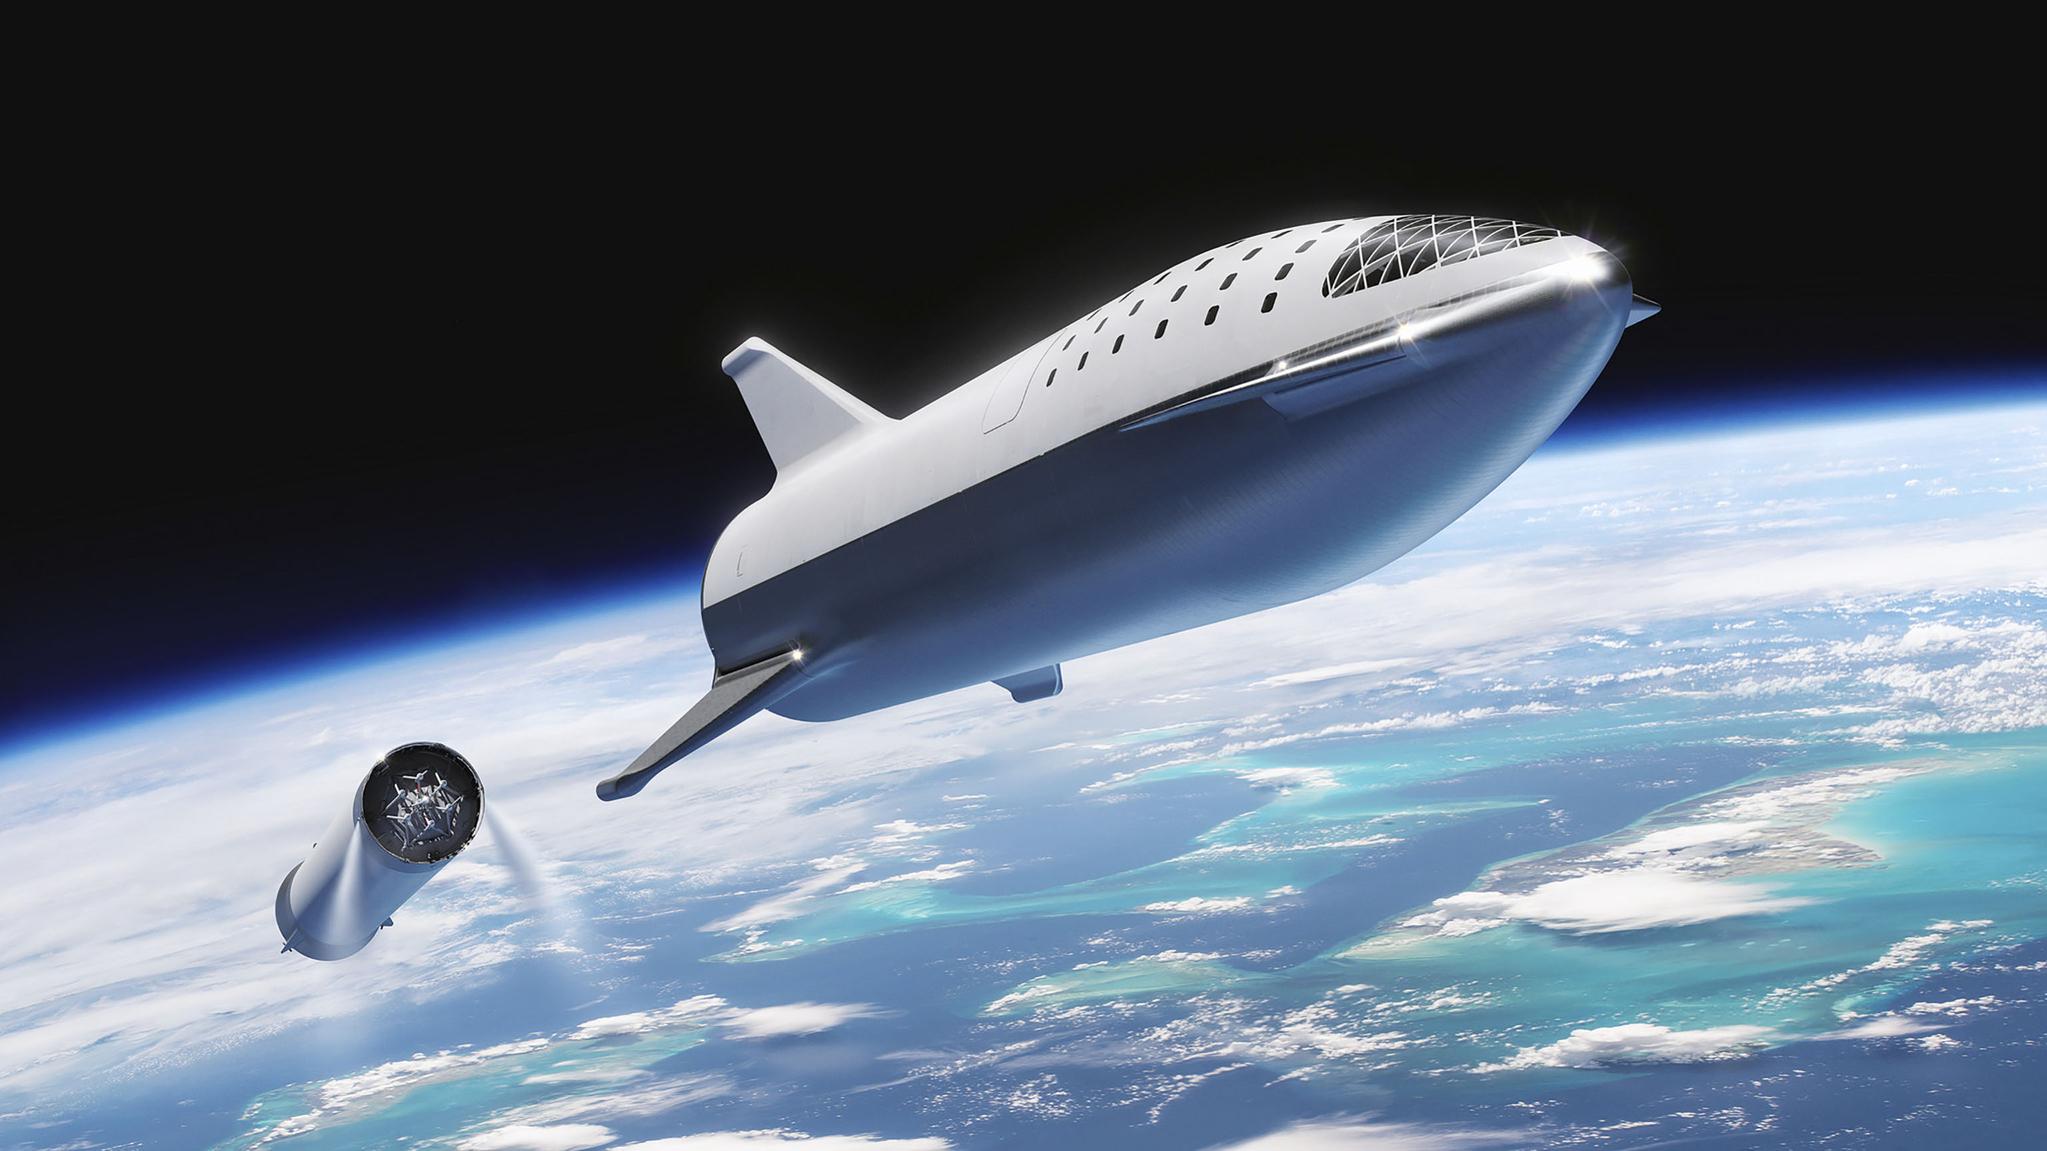 지난해 공개된 스타십 가상도. BFR이라 불렸다 지난해 이름을 스타십으로 바꿨다. 스페이스 X는 이 로켓을 이용해 이르면 오는 2023년 최초의 민간인 달 여행을 하고 나아가 화성을 향해서 발사한다는 계획이다. 총 2단계로 된 로켓은 달 여행객을 태우는 스타십과 엔진과 연료 시스템을 갖춘 슈퍼 해비(Super Heavy)다. 총 로켓 크기는 높이 118m, 지름 9m다. [AFP=연합뉴스]